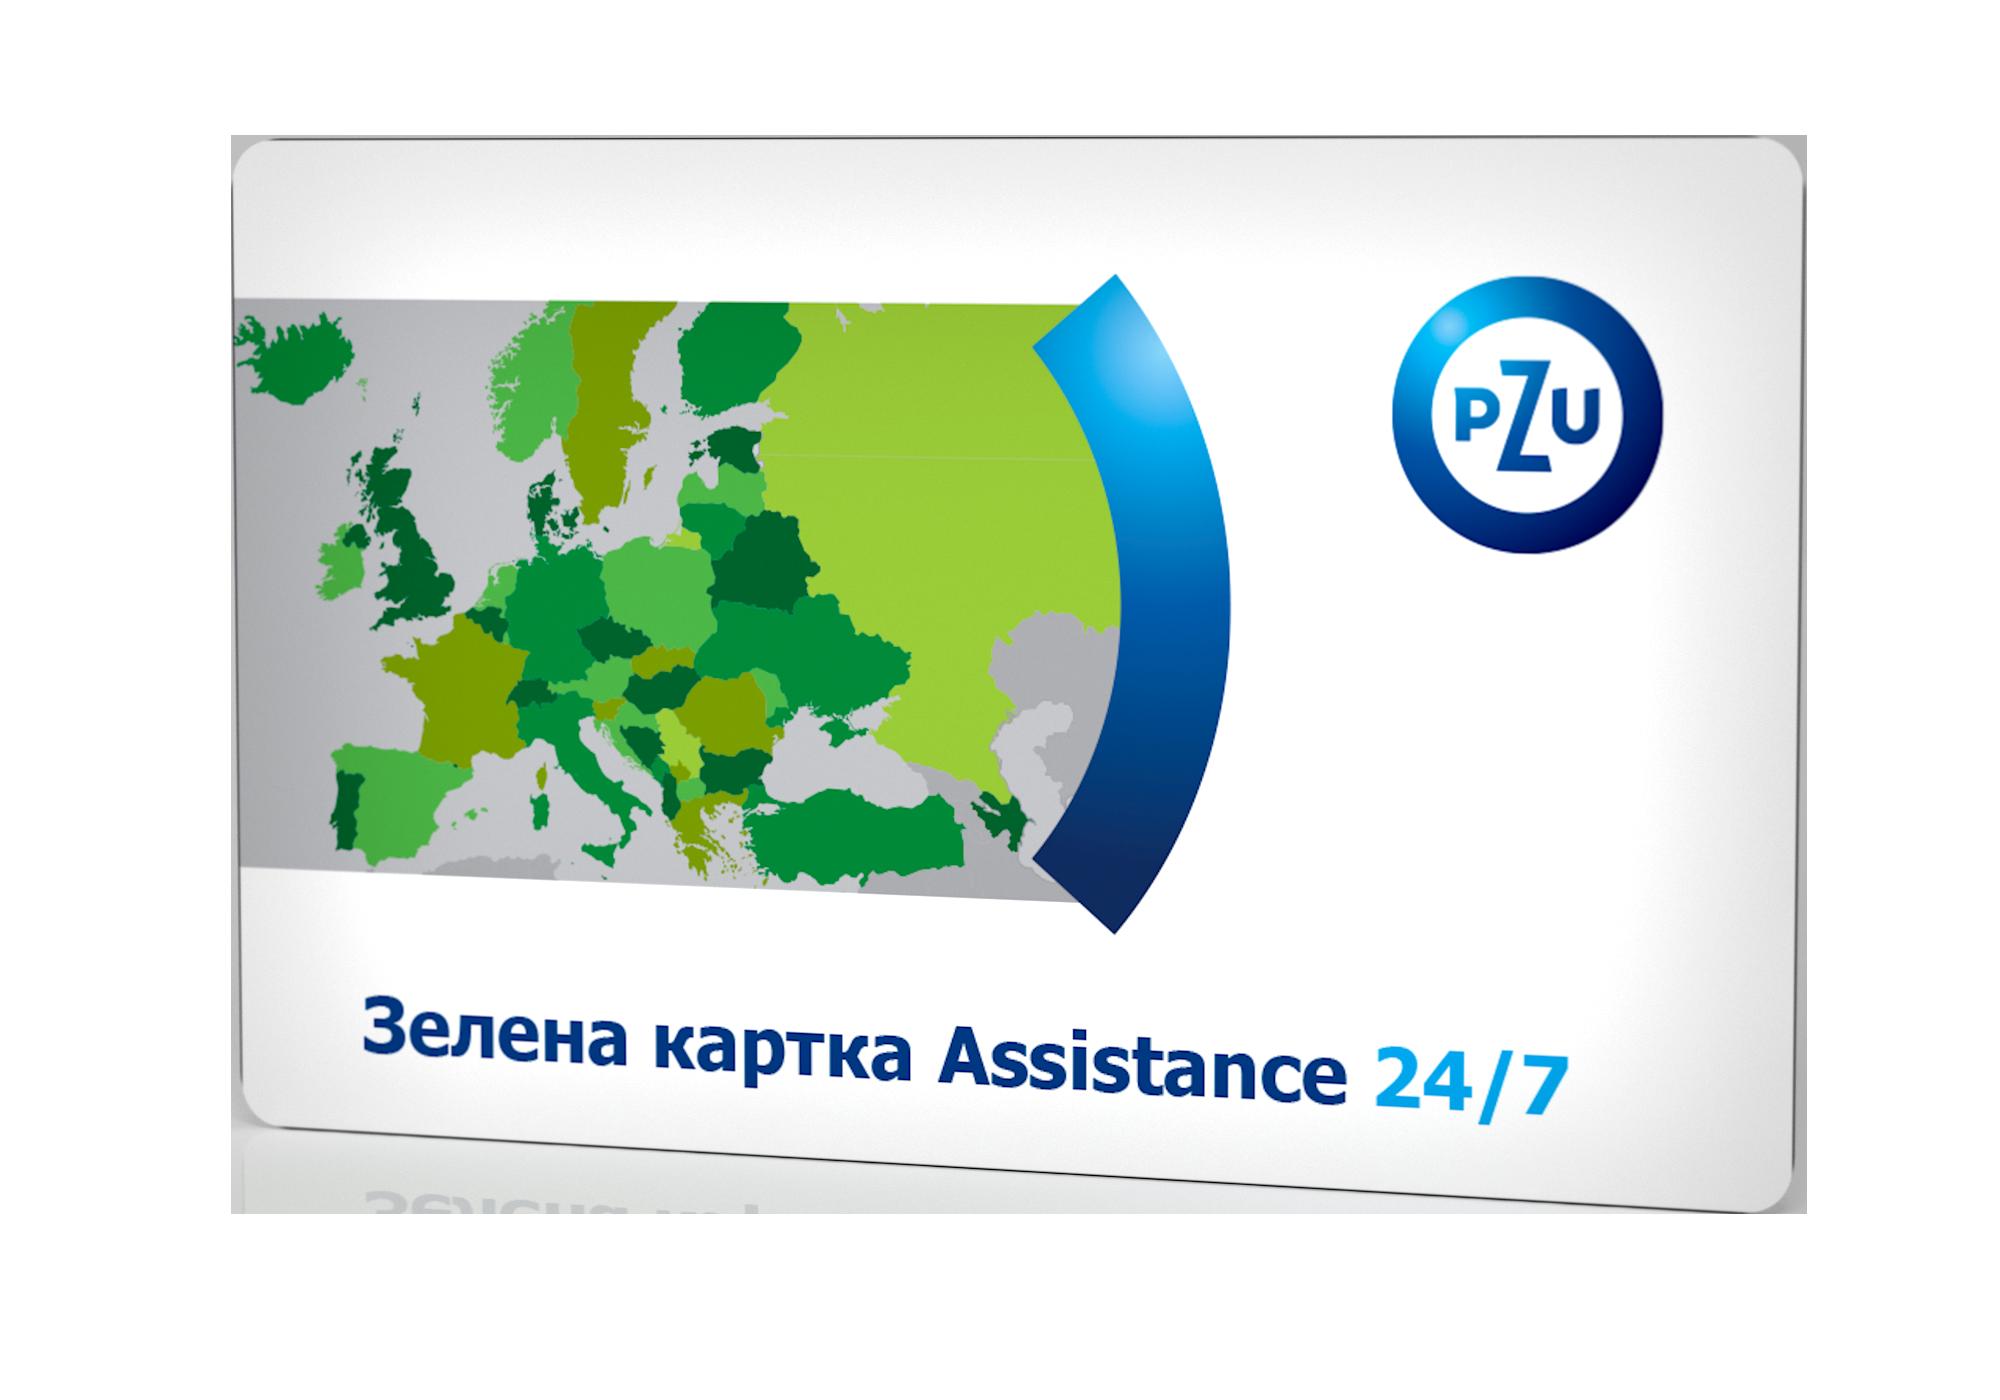 Зелена карта - Міжнародна автоцивілка від страхової компанії PZU